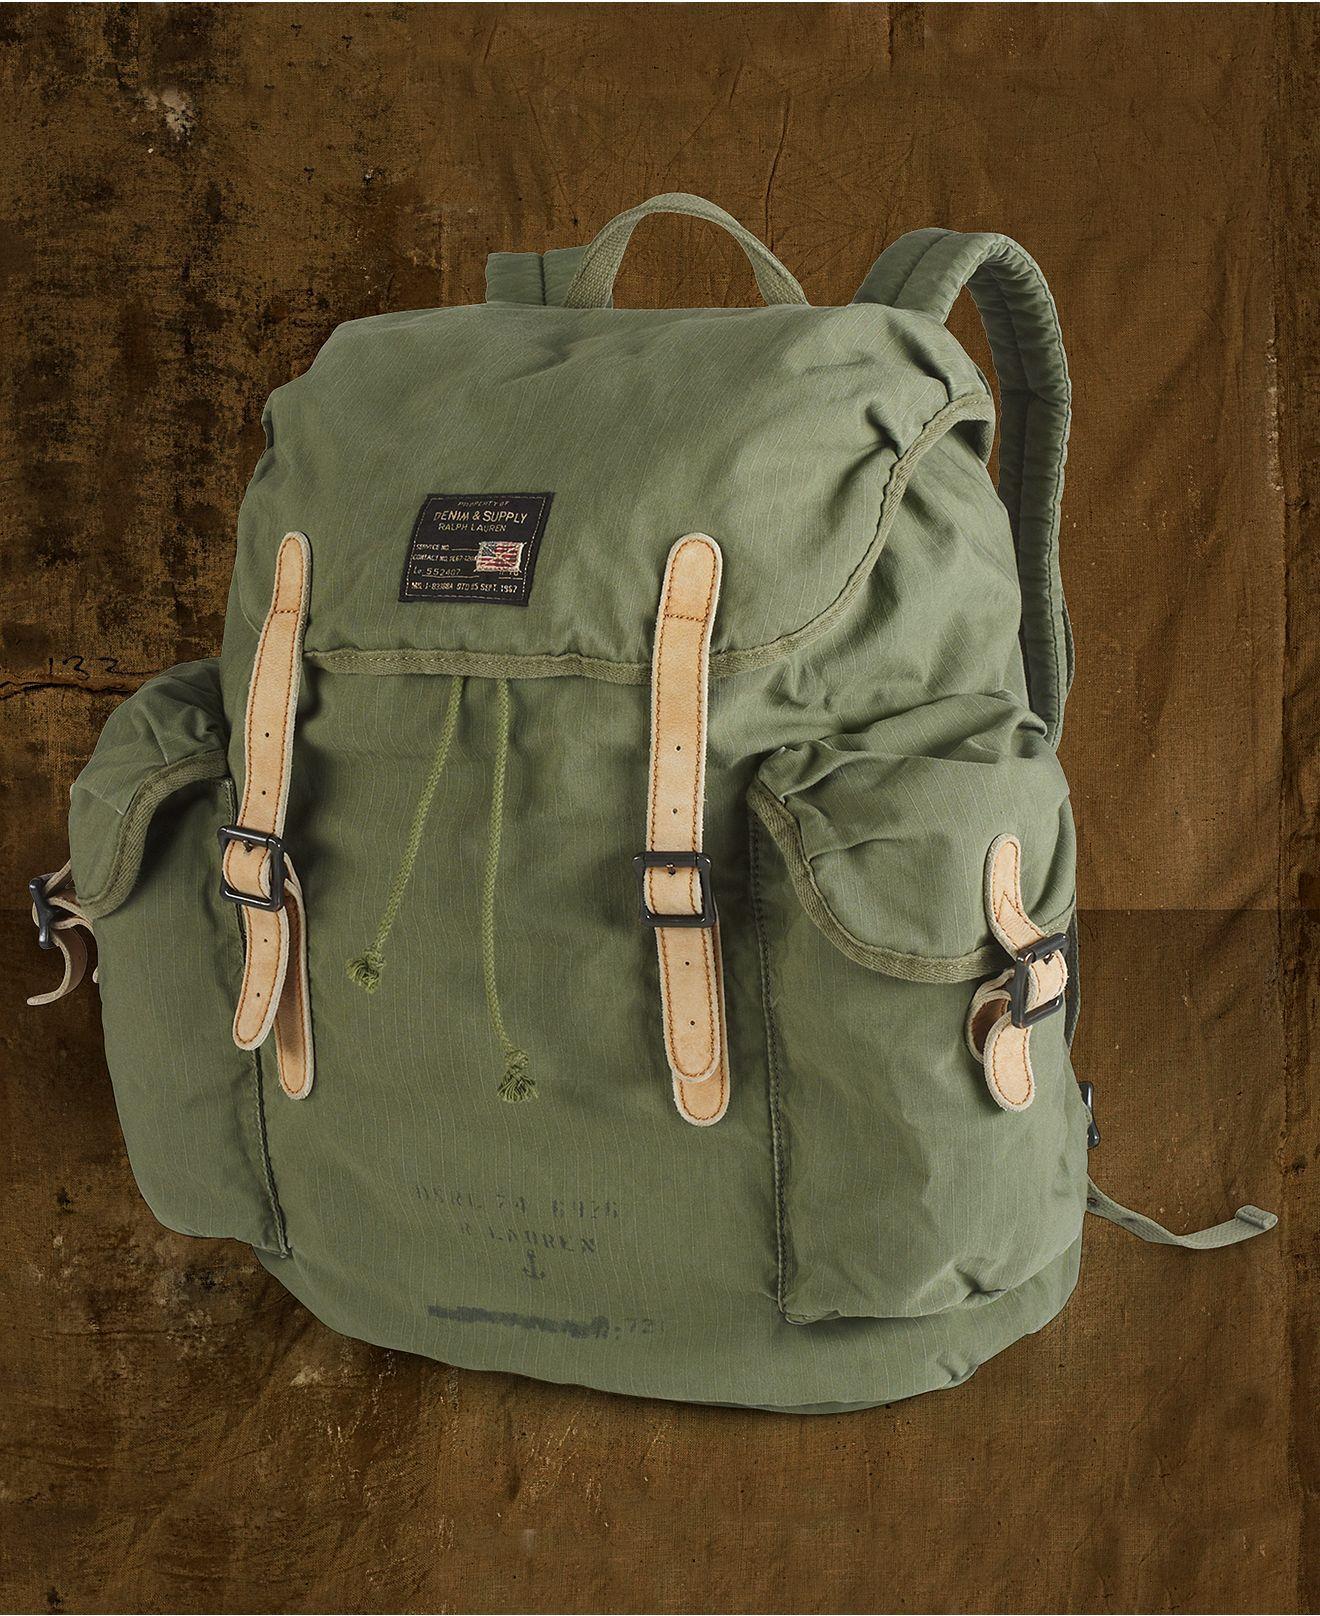 Denim   Supply Ralph Lauren Bag e87b07ac7e289